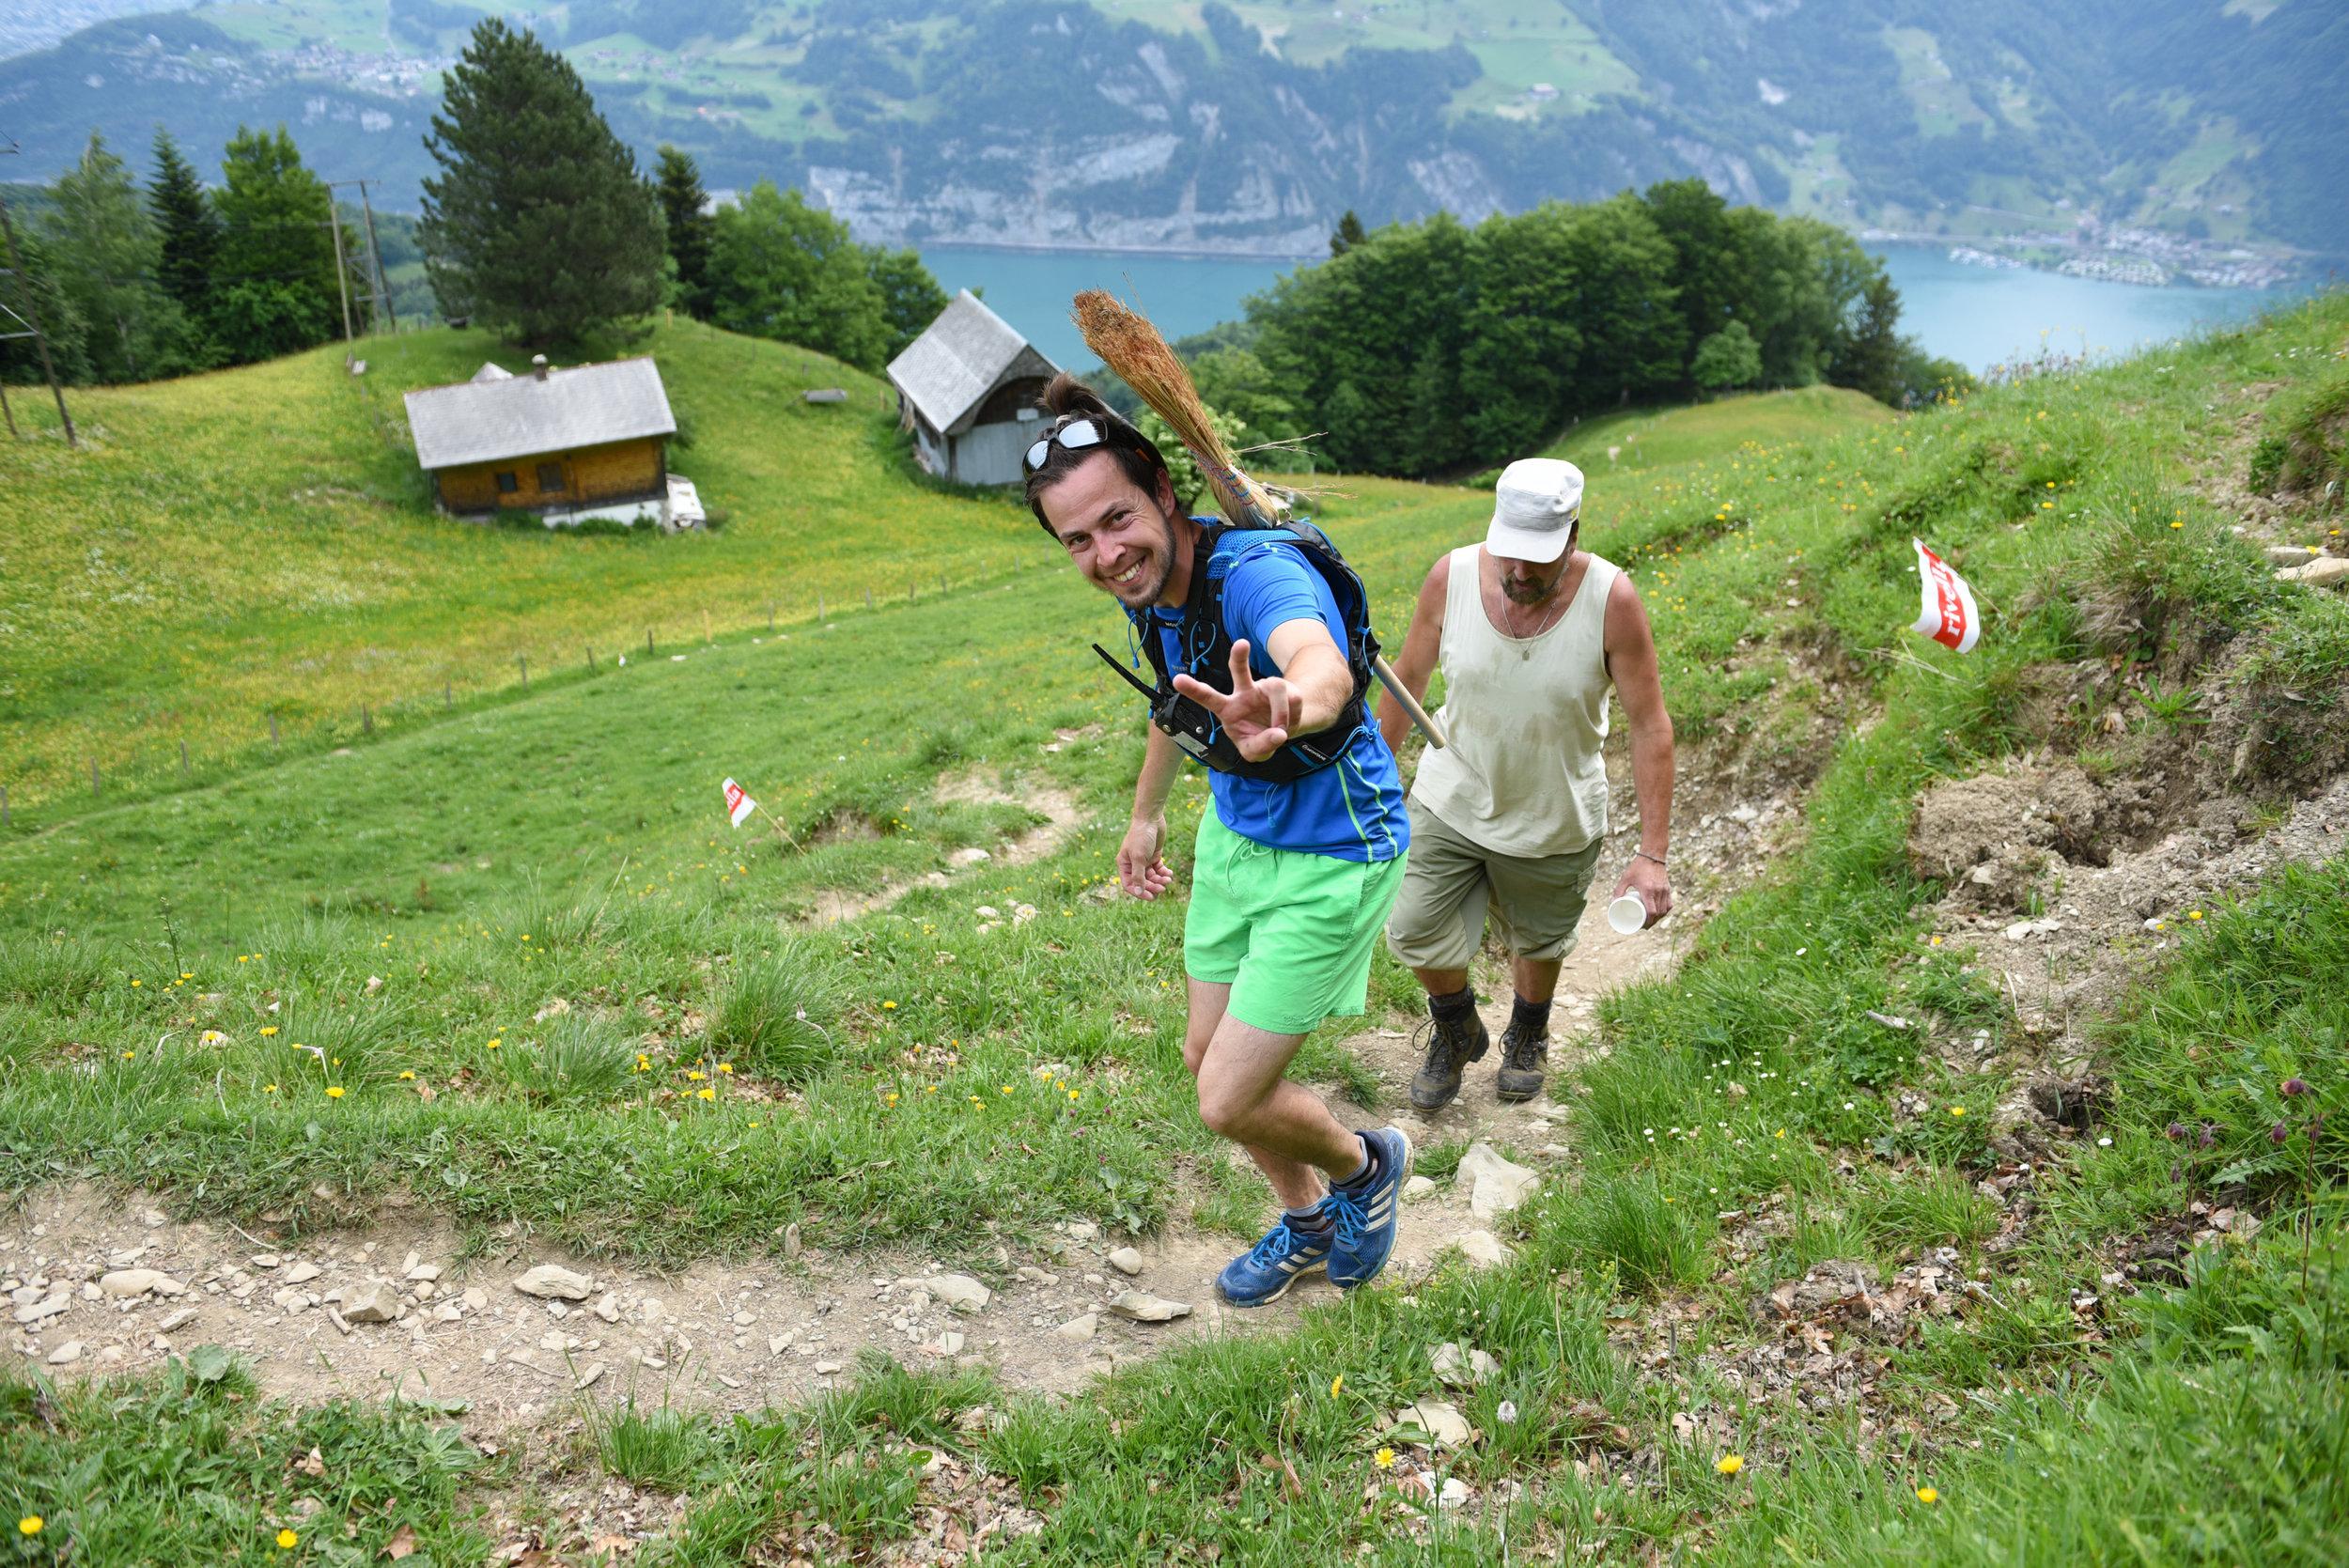 Berglauf_019.jpg